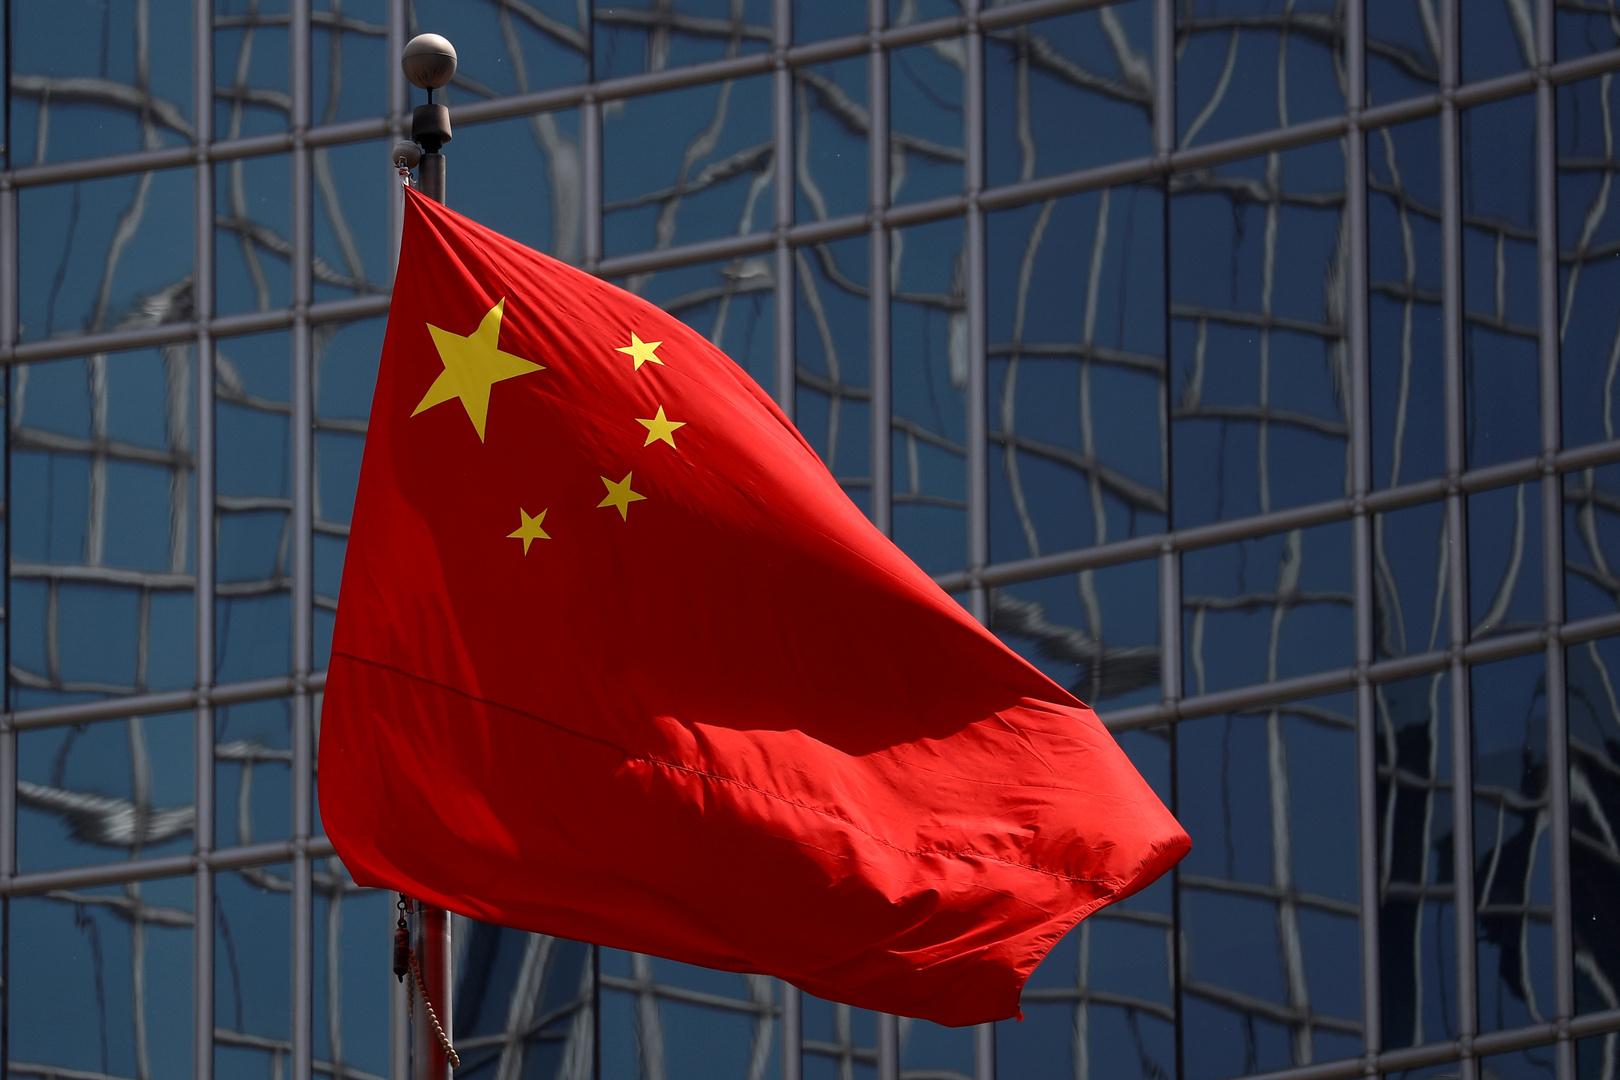 بعد واشنطن.. طوكيو تطالب الصين بوقف اختبارات المسحة الشرجية لكورونا على مواطنيها